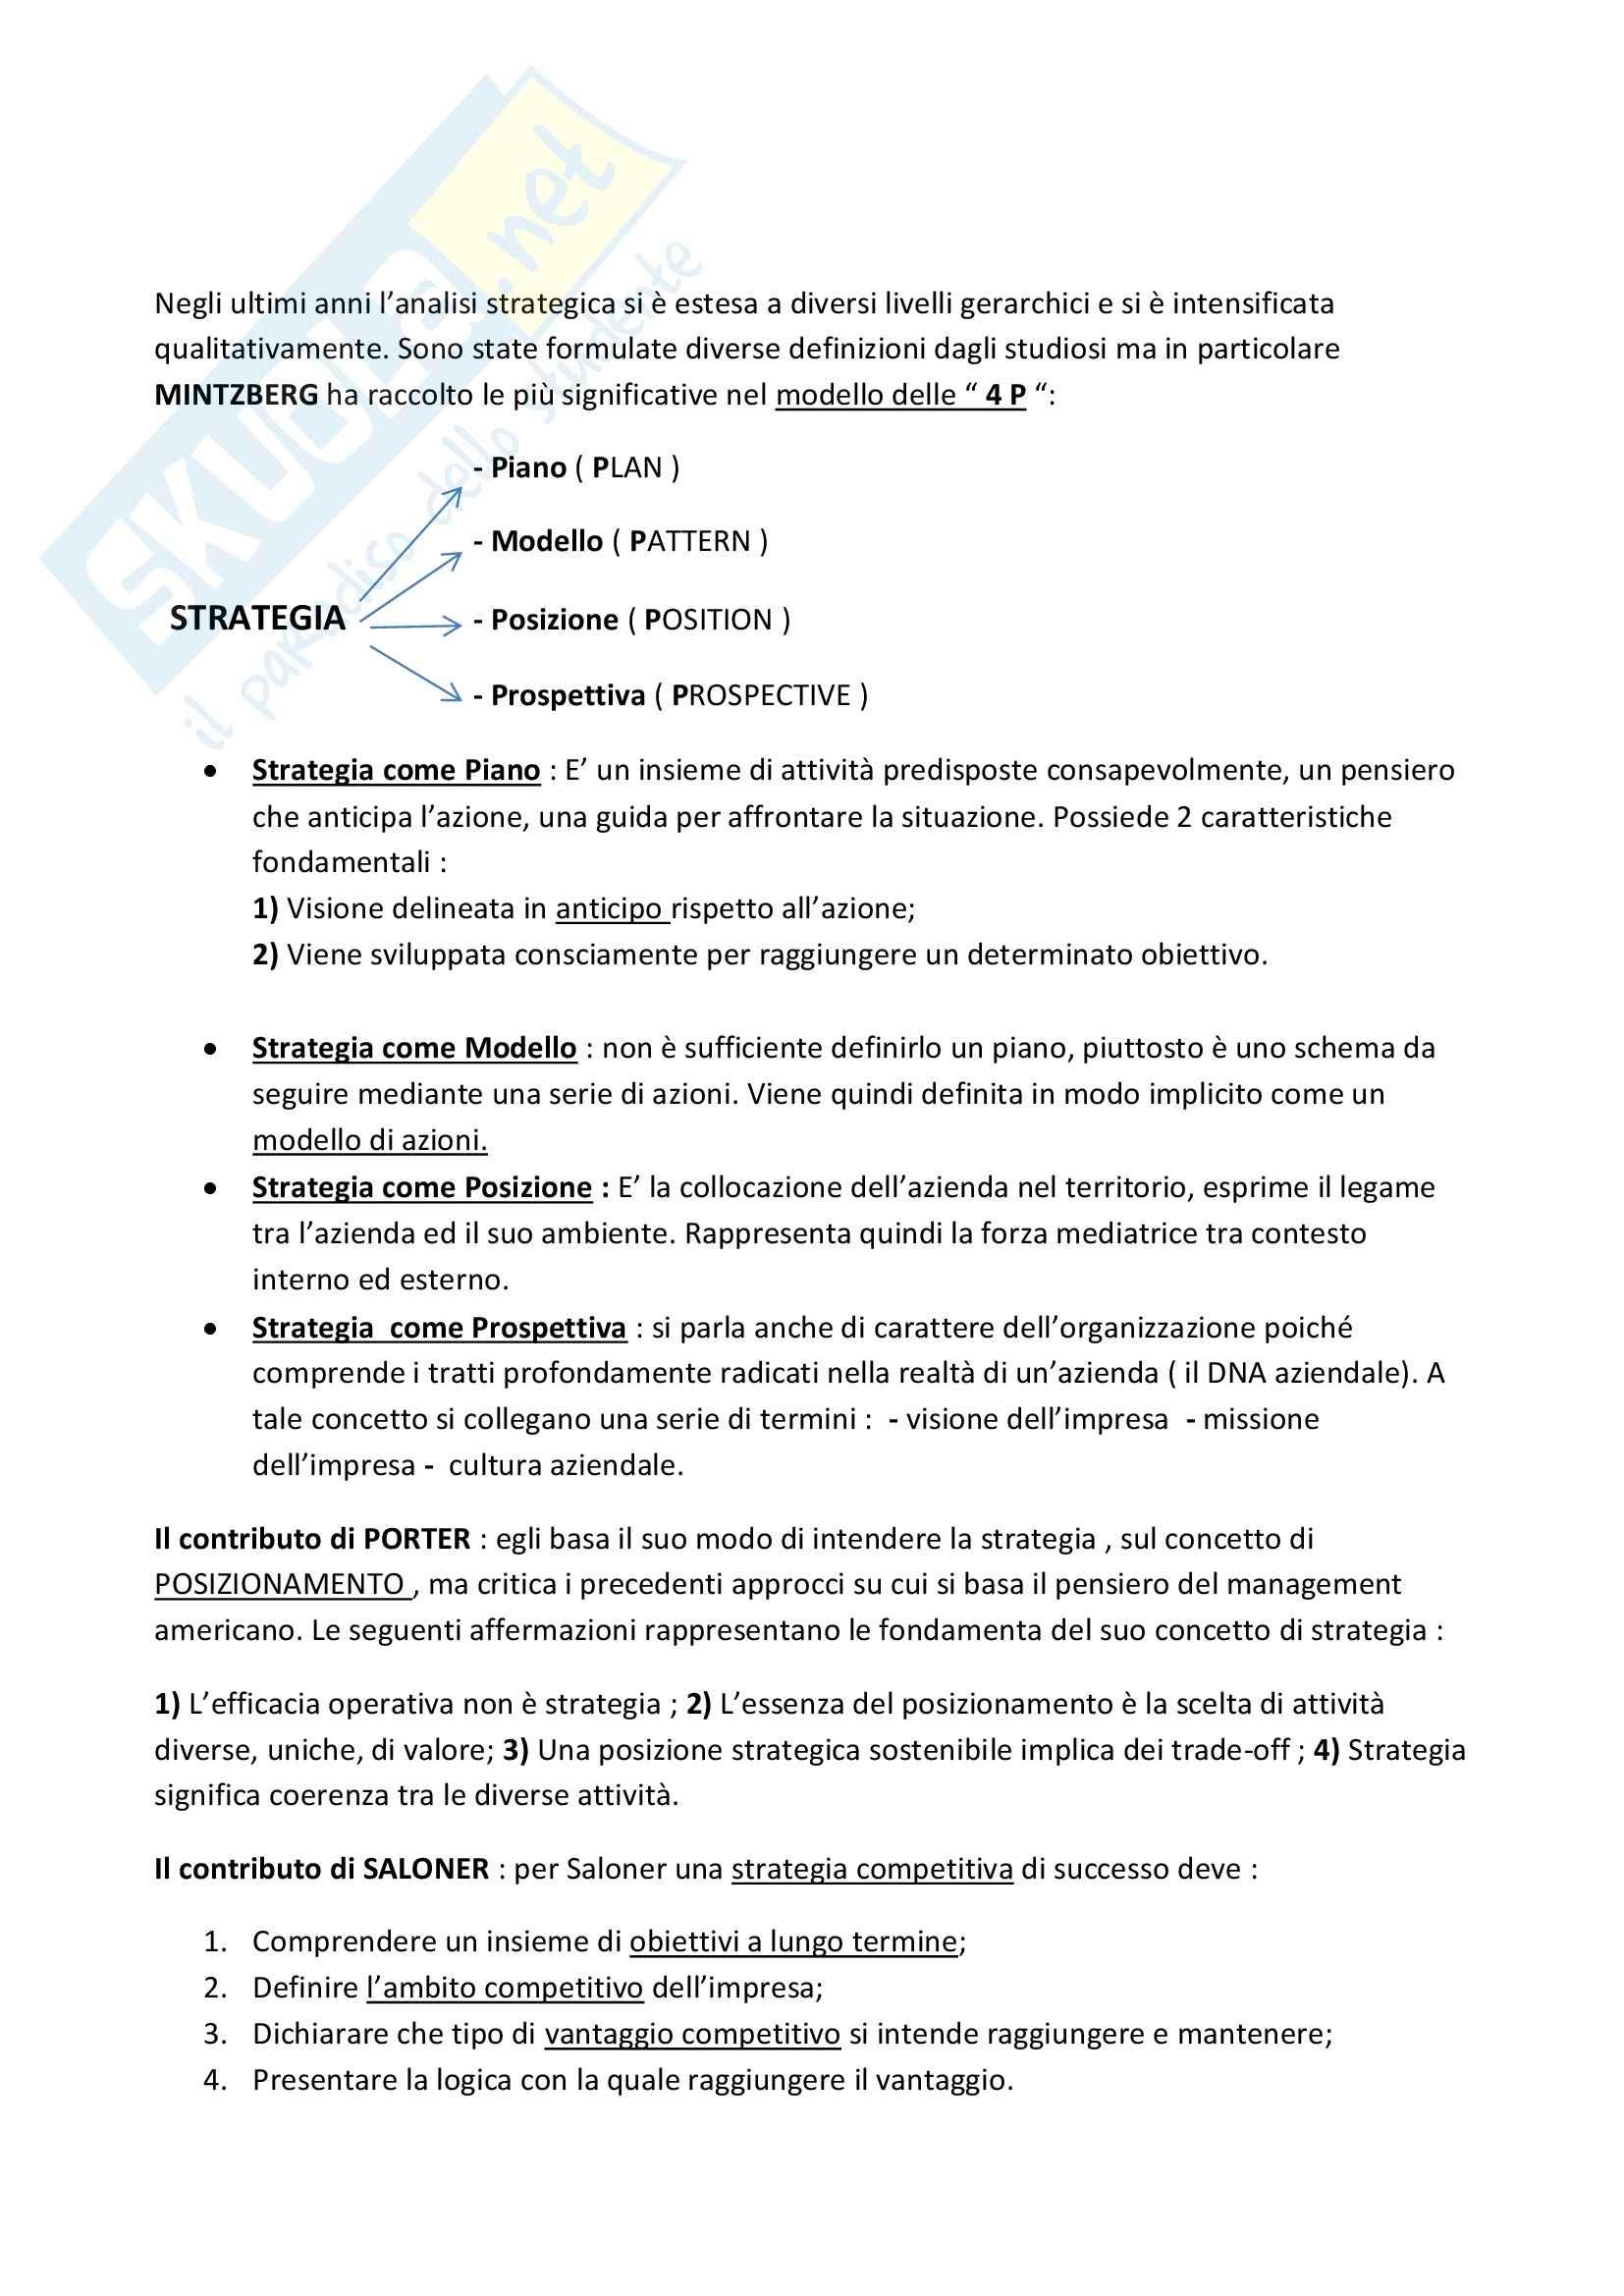 Riassunto esame Strategia e Governo d'Azienda, prof. Marinò, libro consigliato Strategia Aziendale e Vantaggio Competitivo, Bertini, Invernizzi